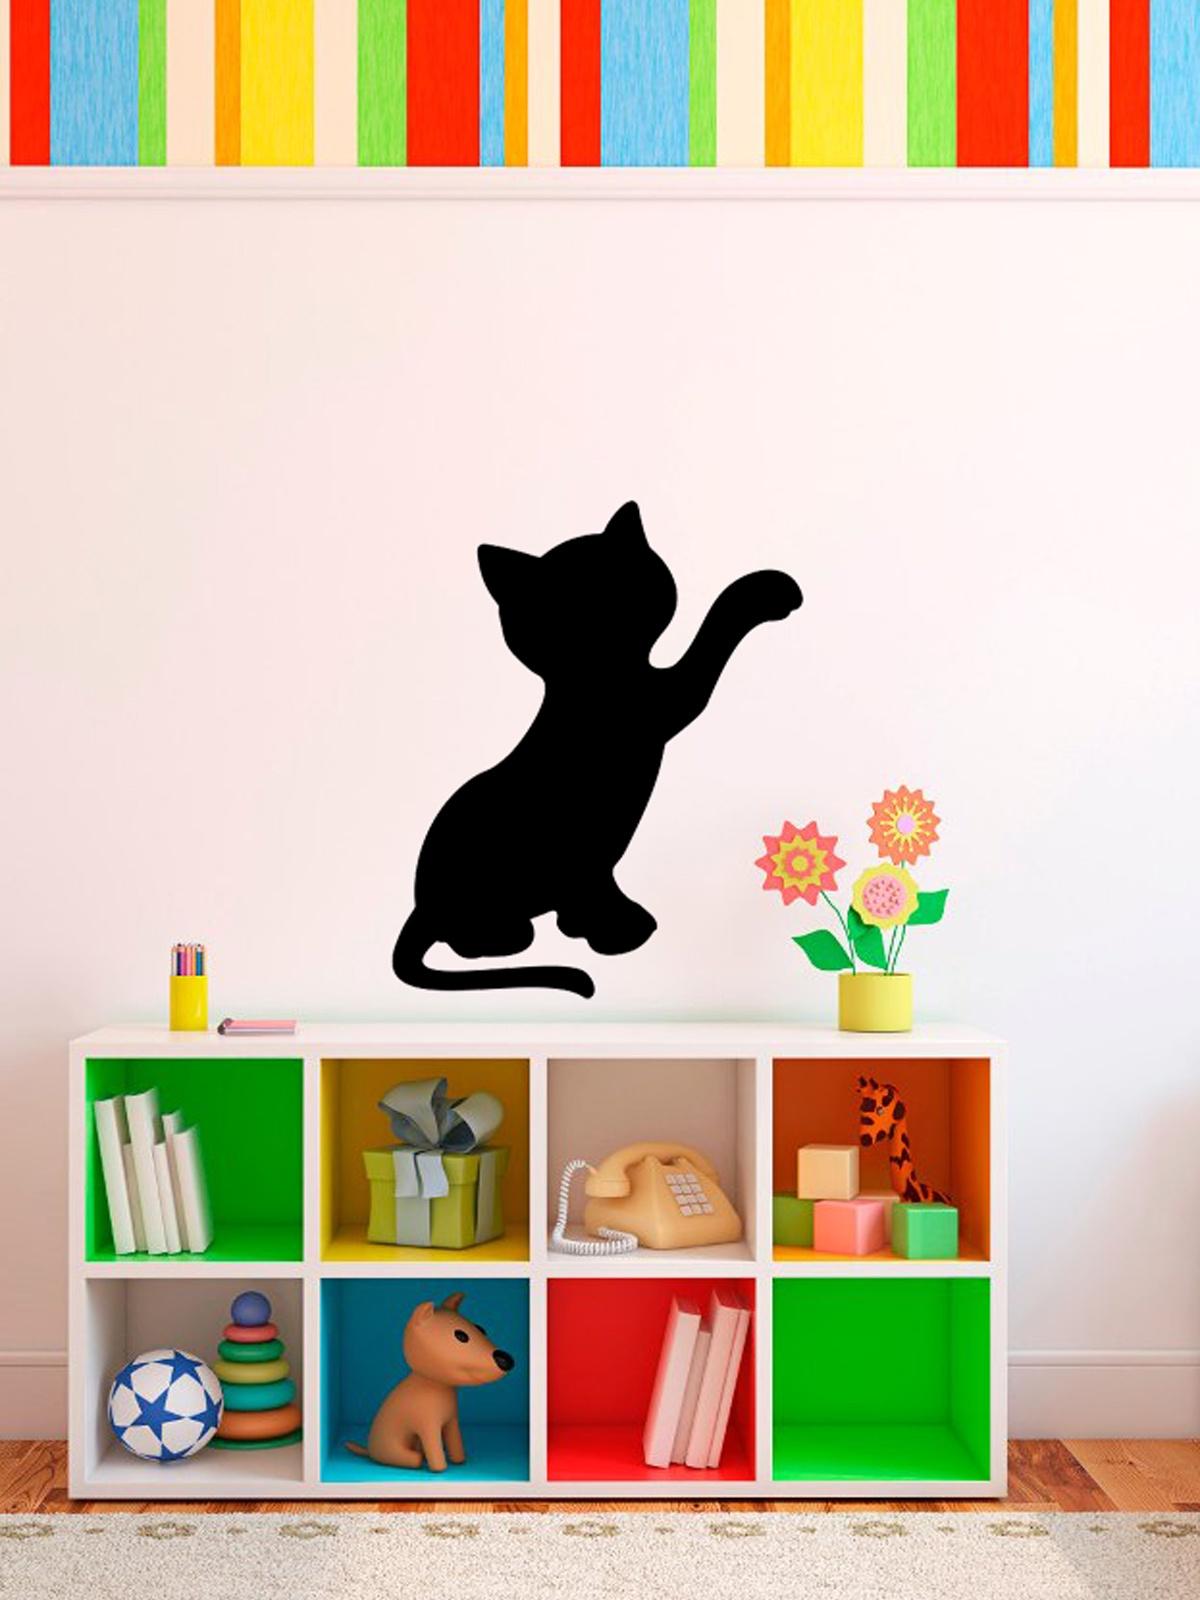 Мел Посмел Меловая наклейка для записей Котёнок, размер 41,5х23,5 см цена